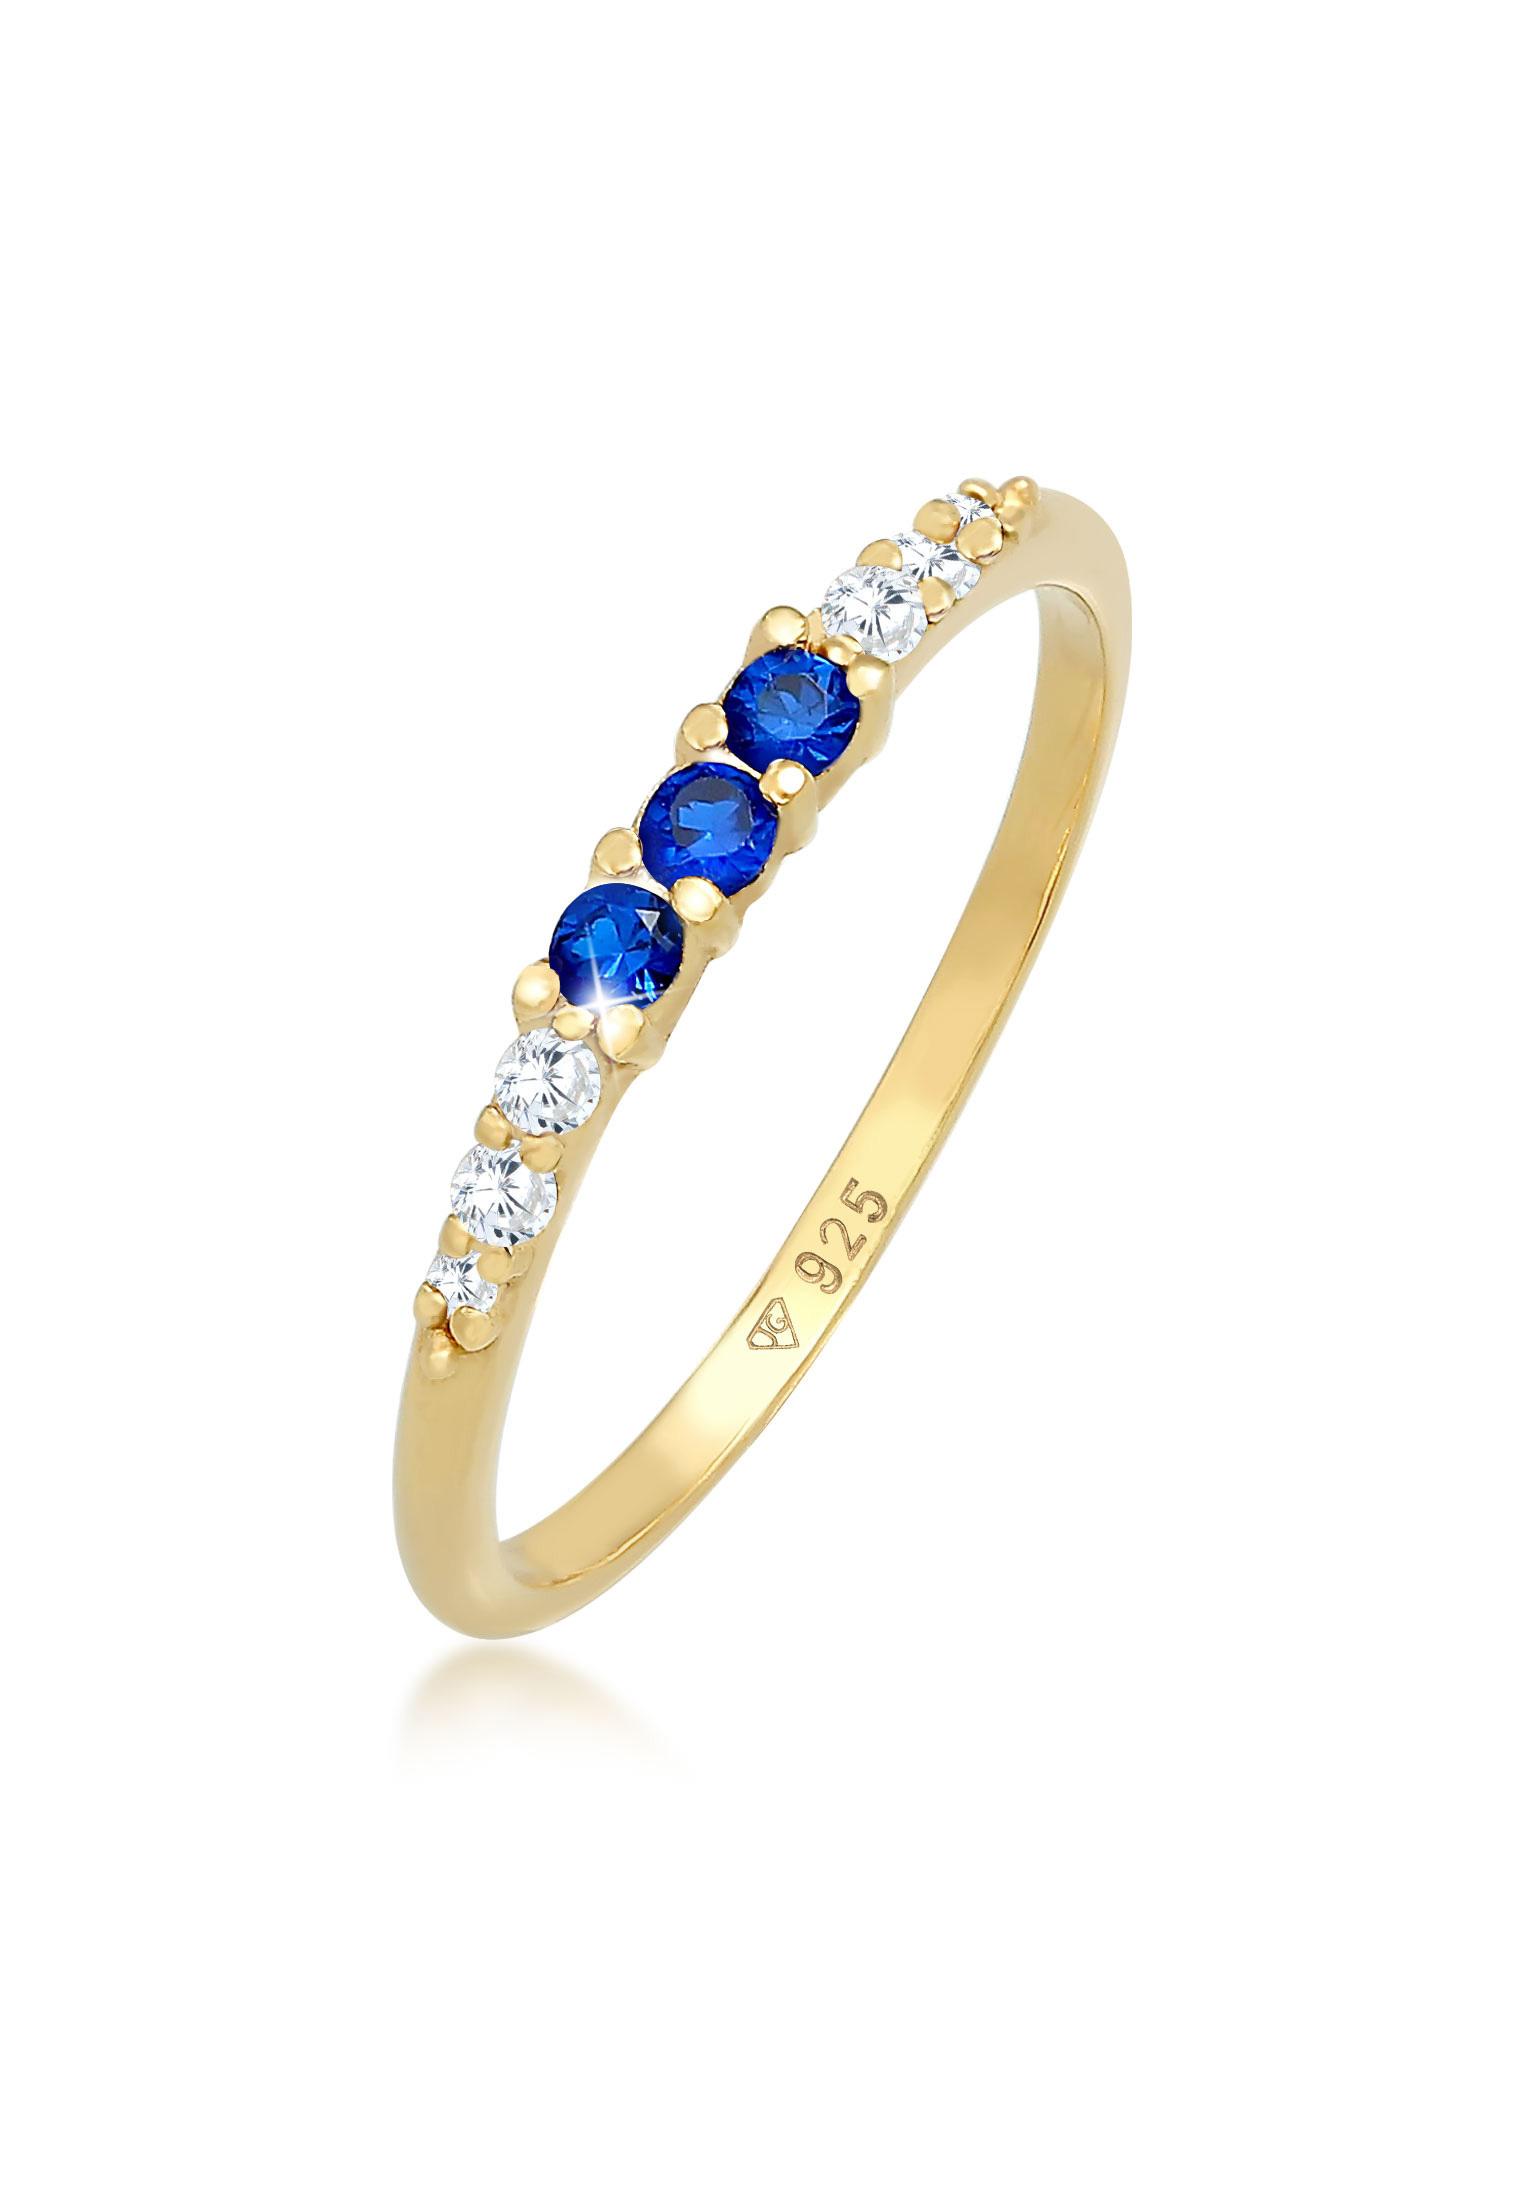 Ring | Saphir ( Blau ) | 925 Sterling Silber vergoldet